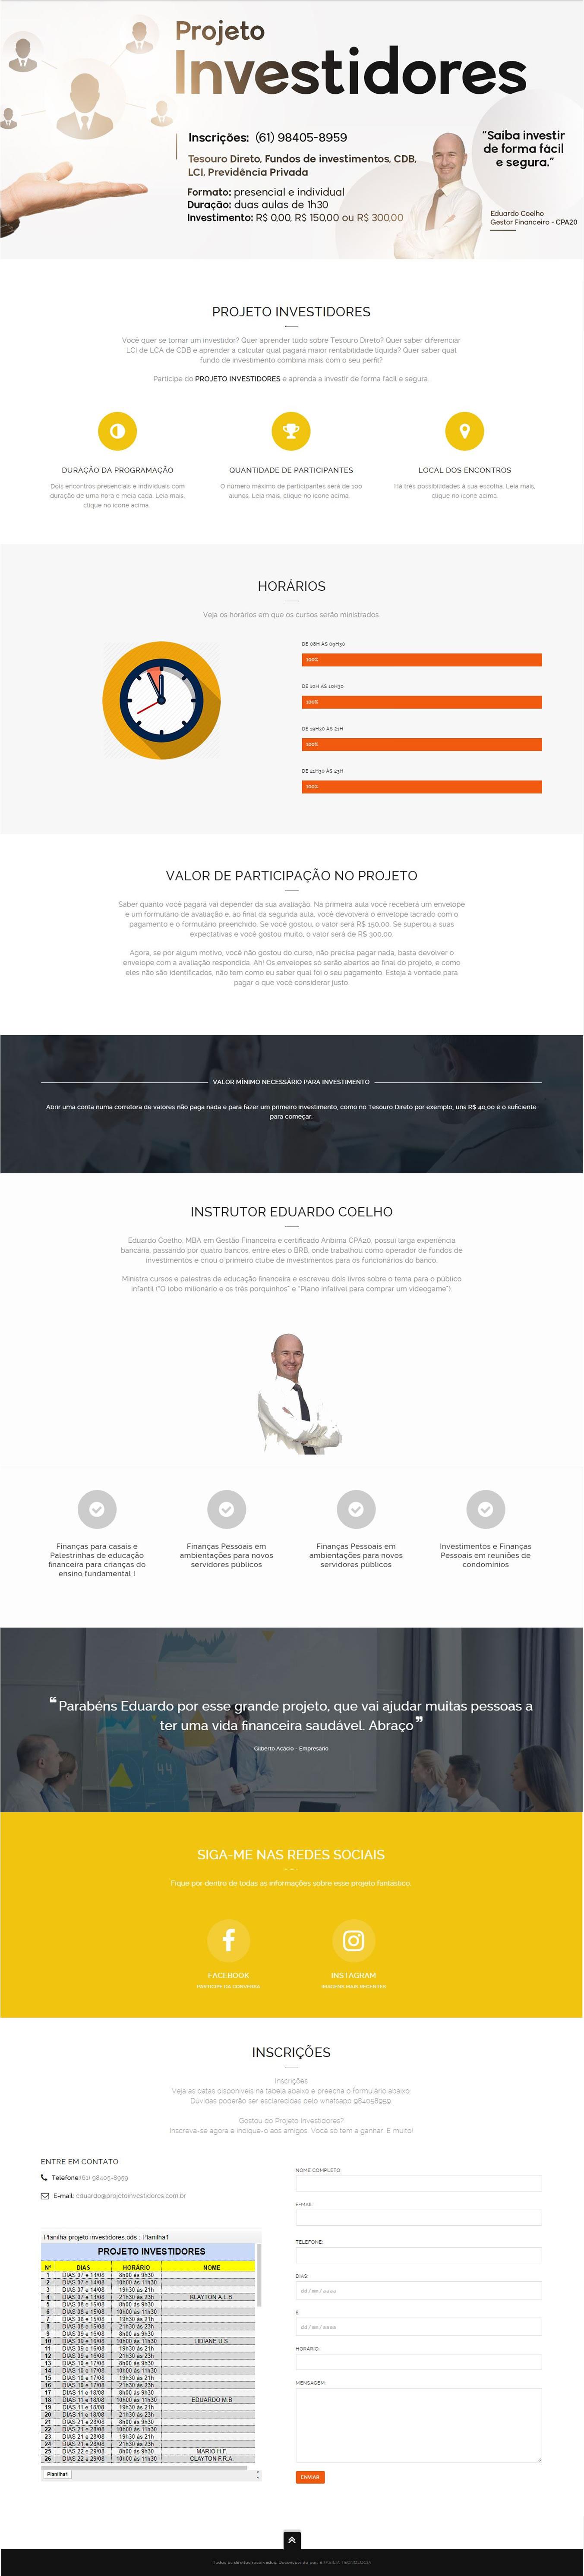 Projeto-Investidores-brasilia-tecnologia-it